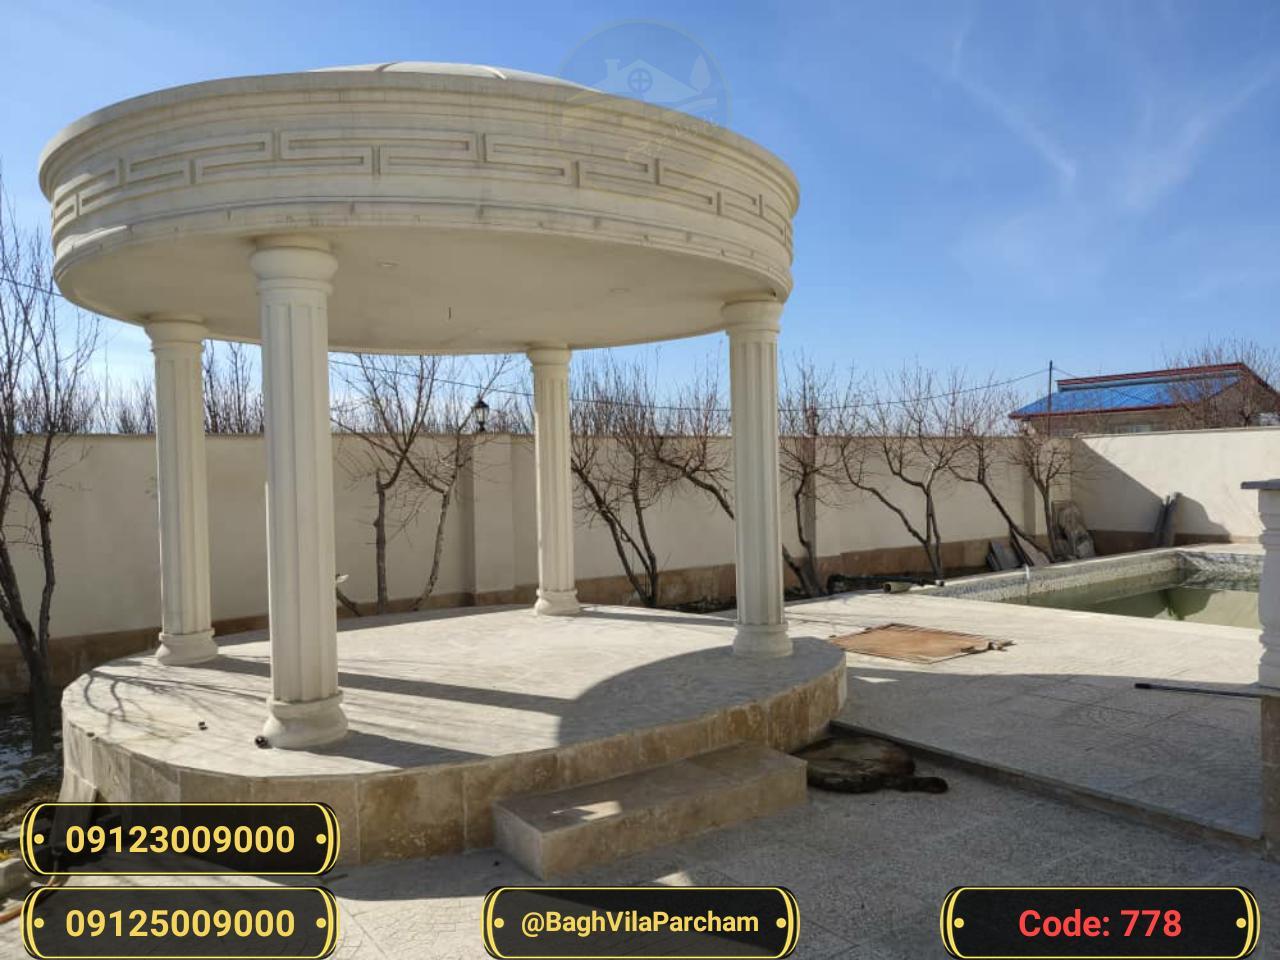 تصویر عکس باغ ویلا شماره 2 از ویلای ۵۰۰ متر ویلا کلاسیک Picture photo image 2 of ۵۰۰ متر ویلا کلاسیک